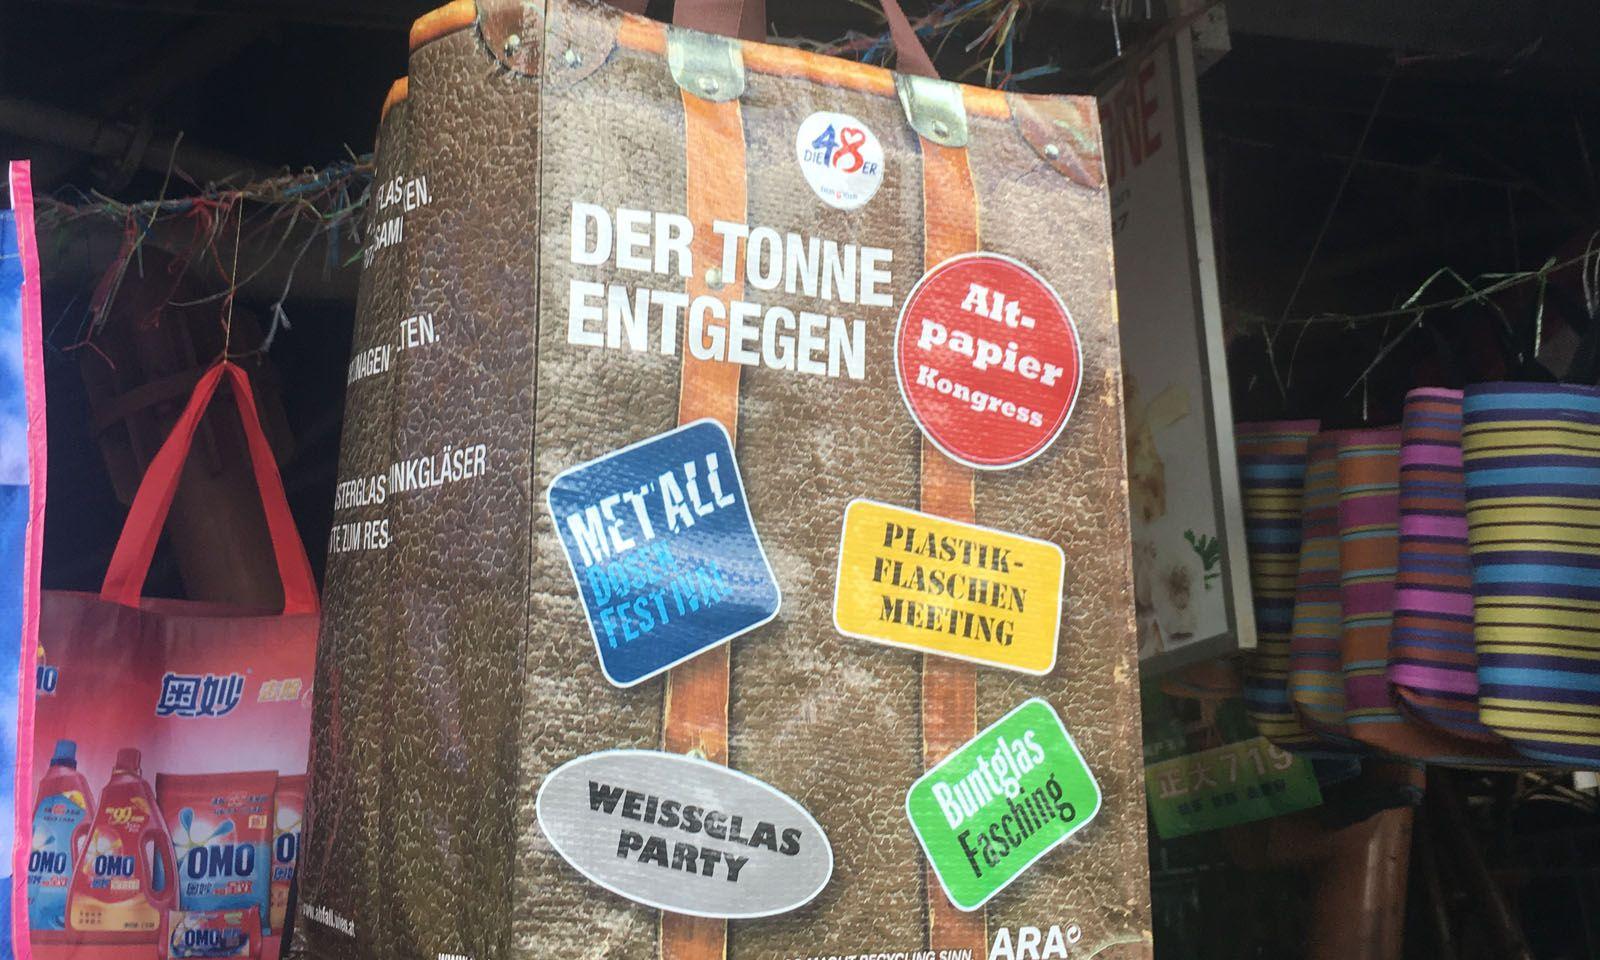 Auf Märkten finden sich auch Skurrilitäten wie eine Tasche der Wiener MA48, die nun Mauritier zur Mülltrennung auffordert.